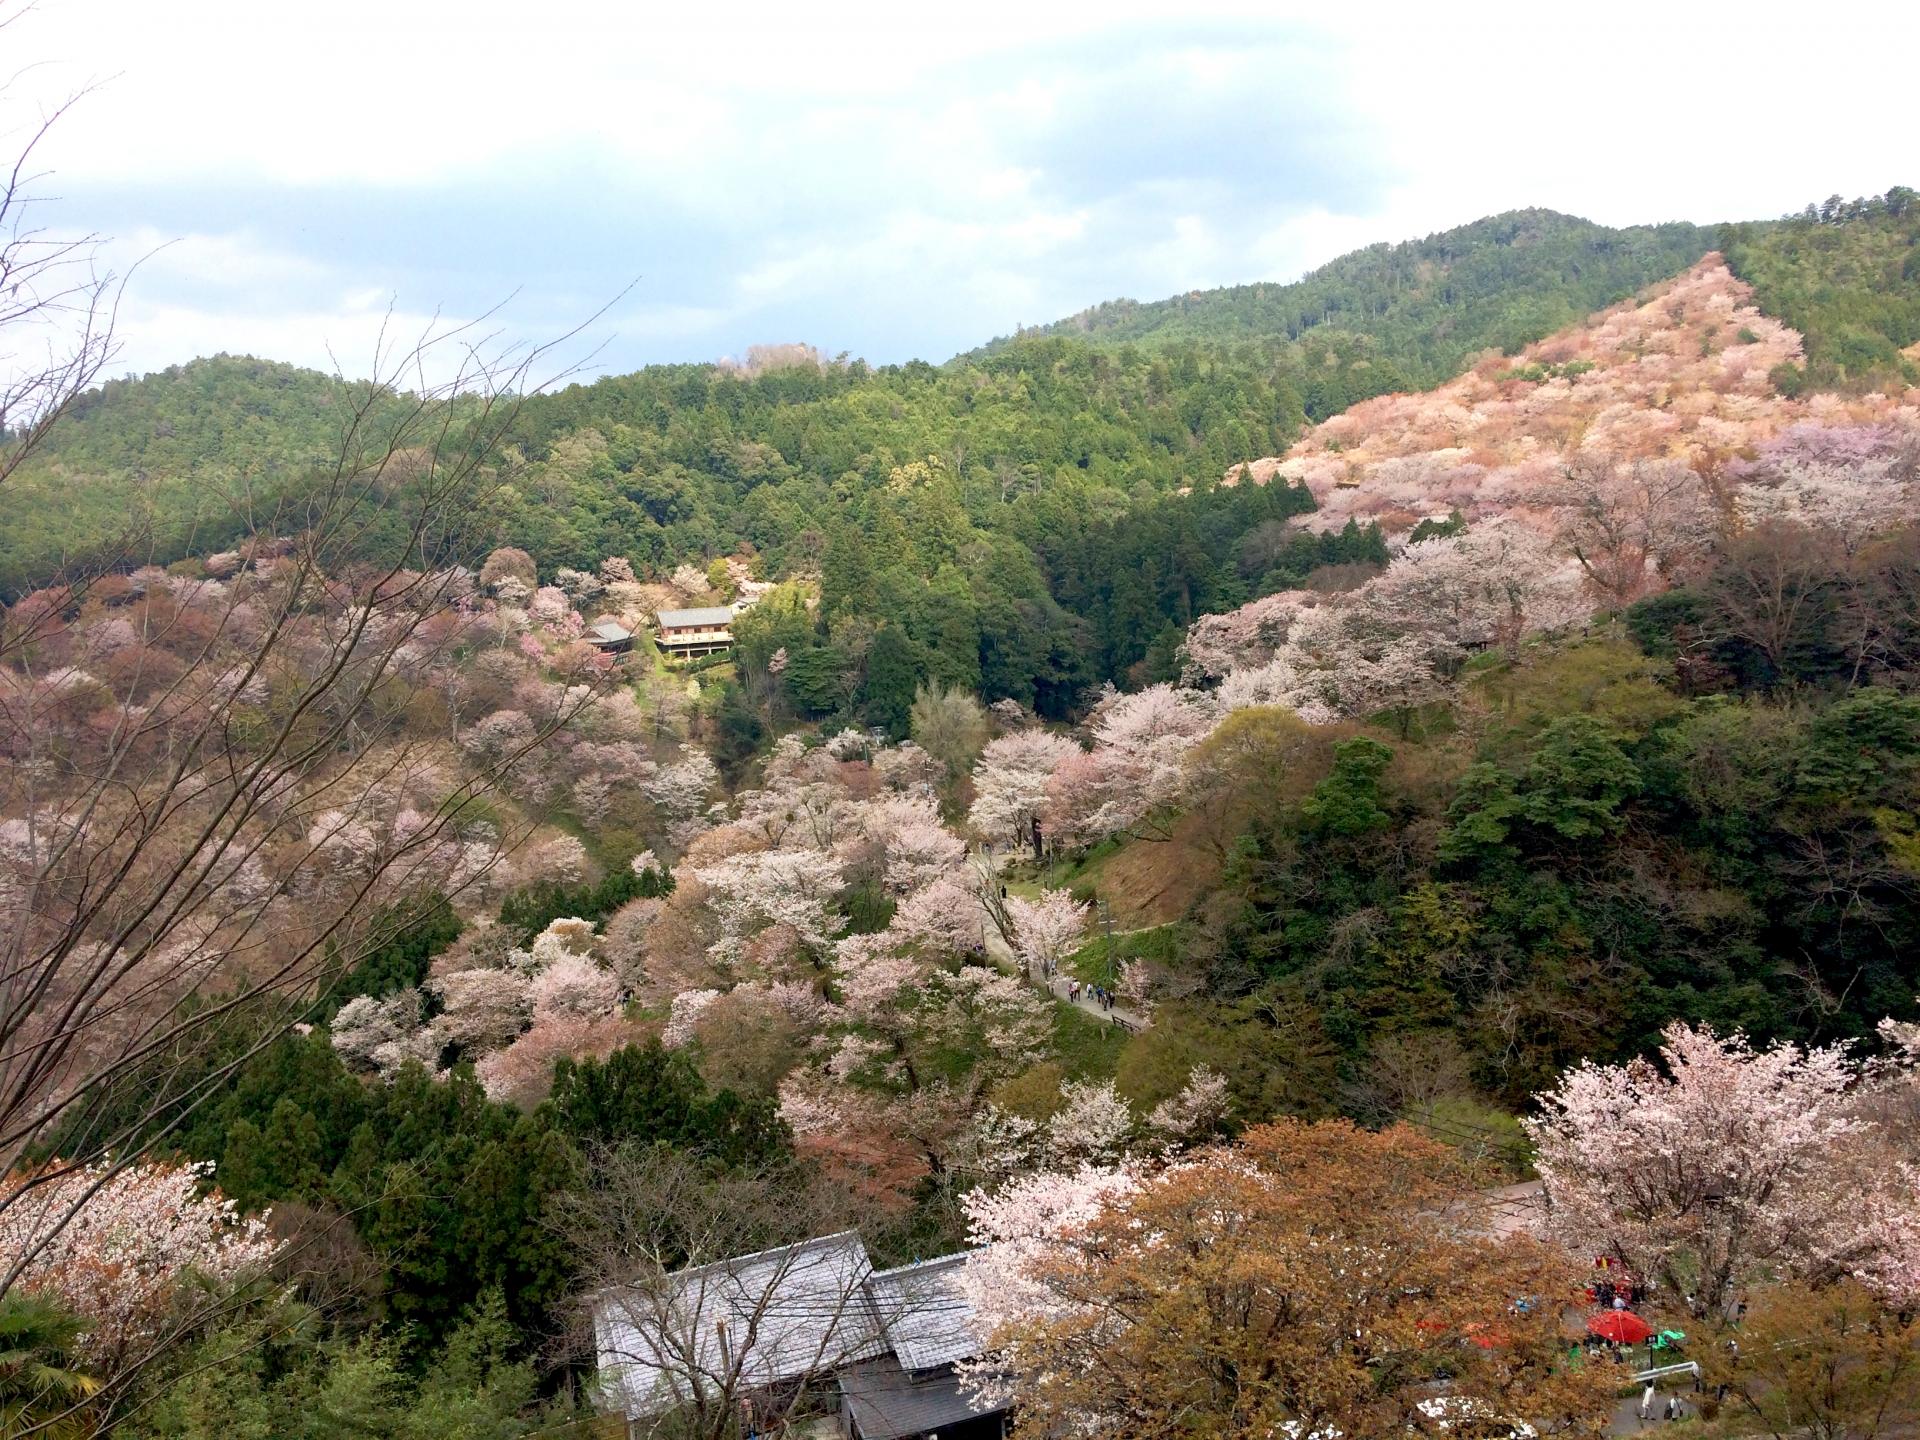 3363956_m 奈良県  吉野山(山が桜に染まる春におすすめの絶景スポット! 写真の紹介、アクセス情報や駐車場情報など)